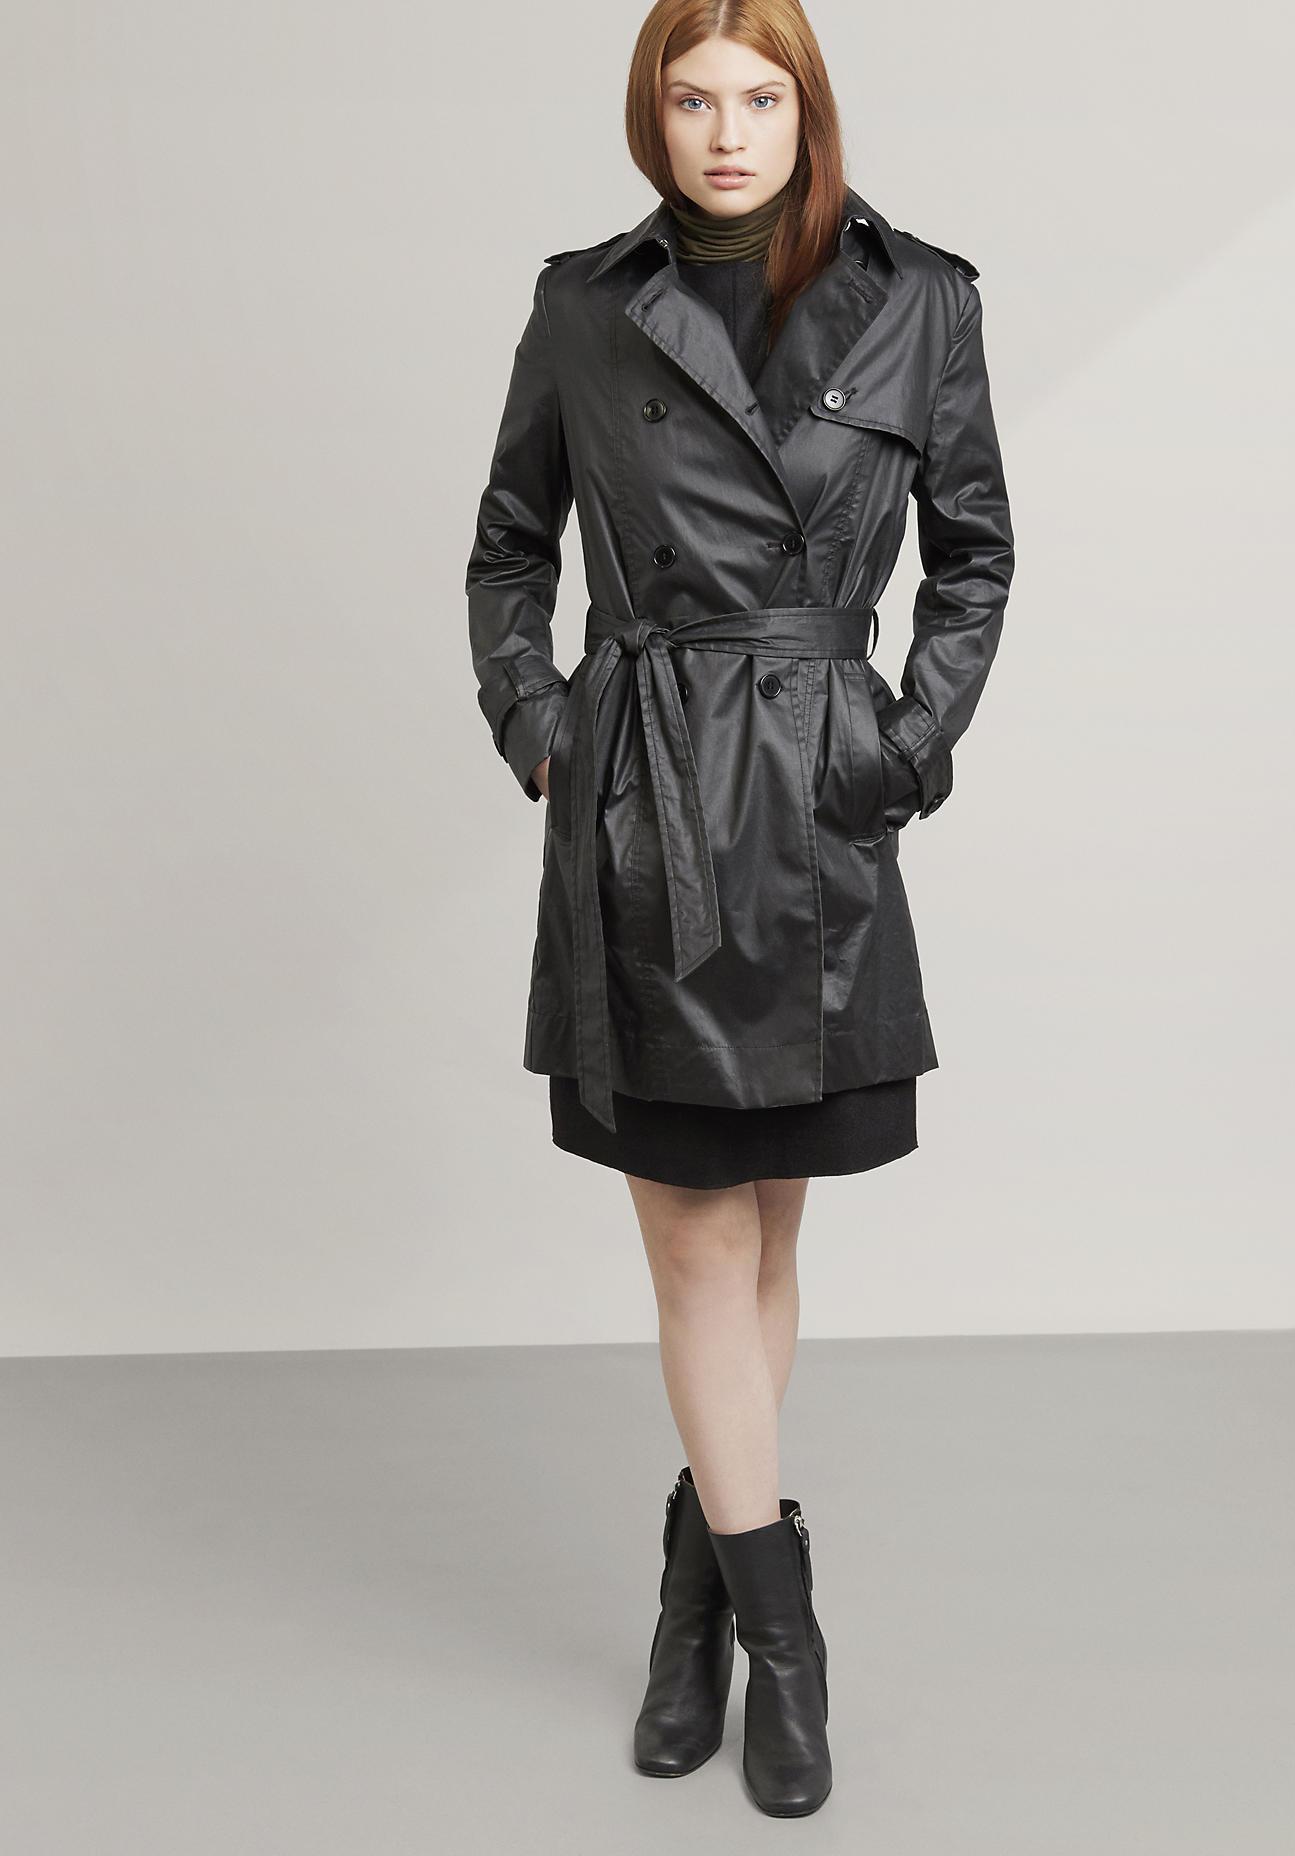 hessnatur Outdoor DamenTrenchcoat – schwarz – Größe 36 | Bekleidung > Mäntel > Trenchcoats